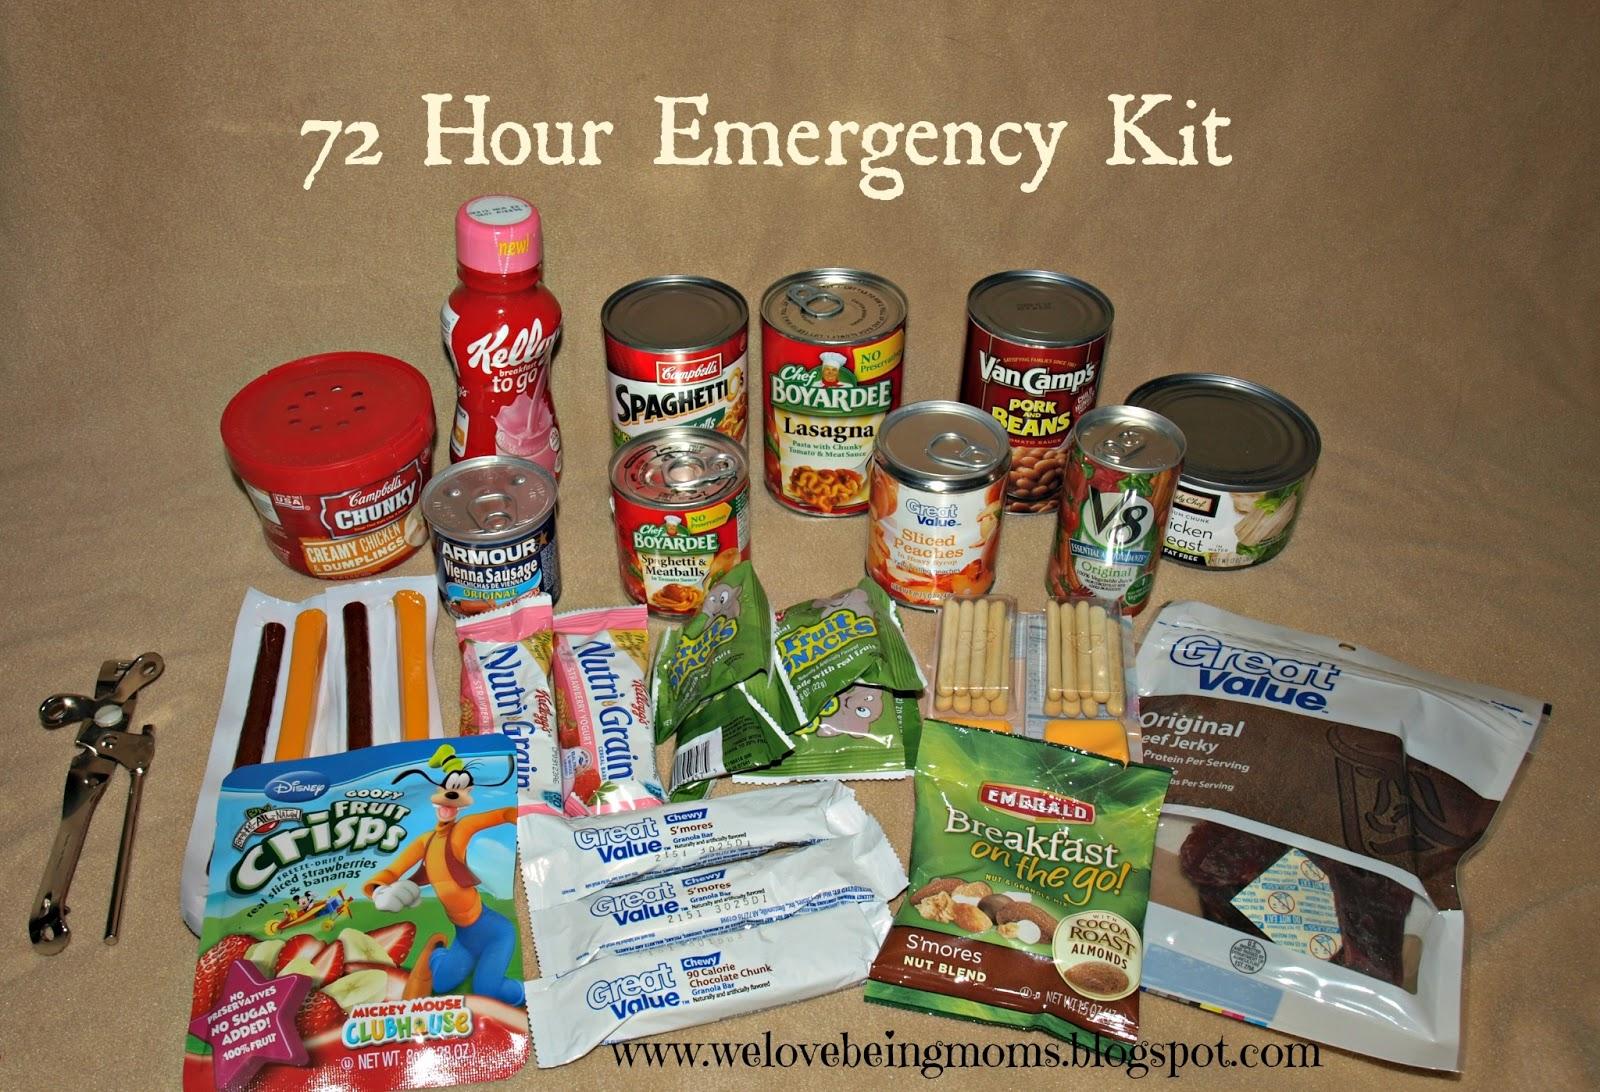 Emergency kit food items